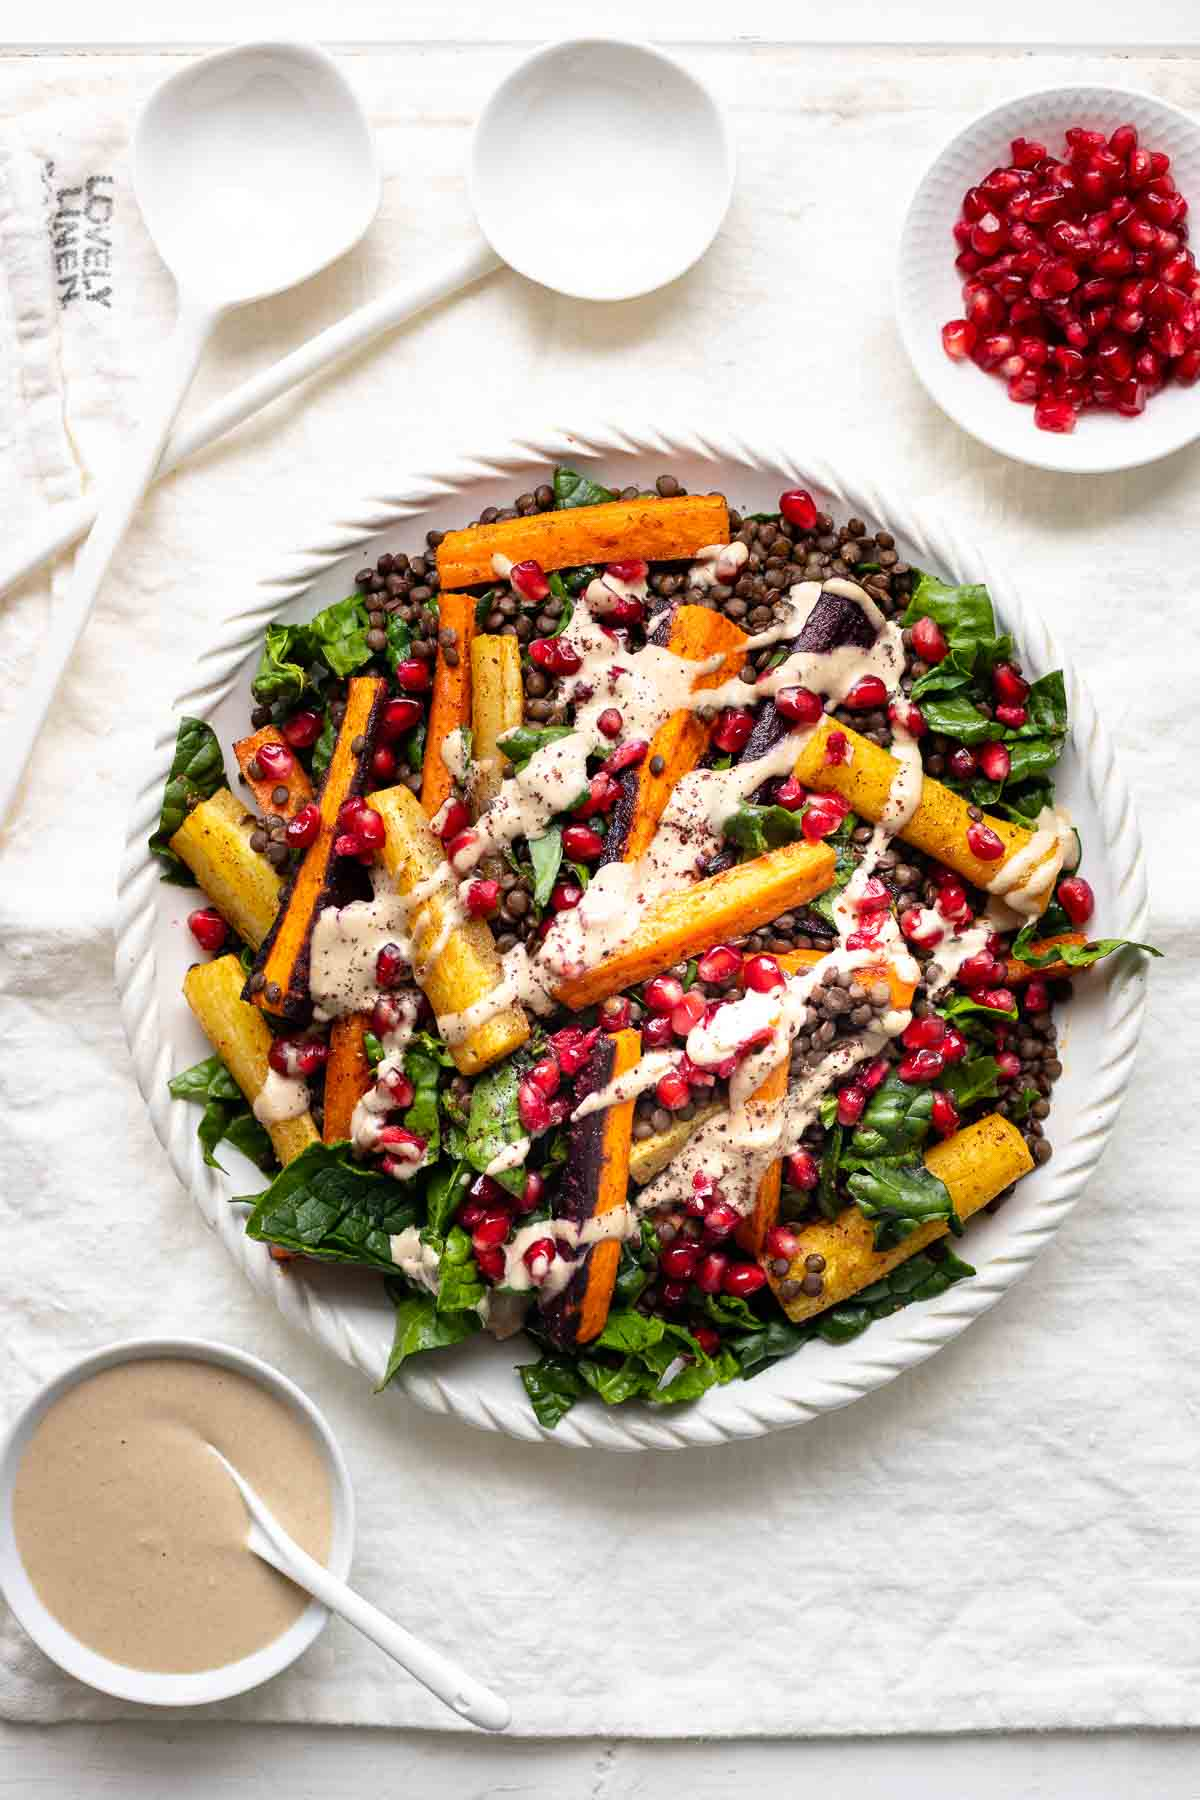 Linsensalat mit Karotten und Tahini-Dressing, garniert mit Granatapfelkernen